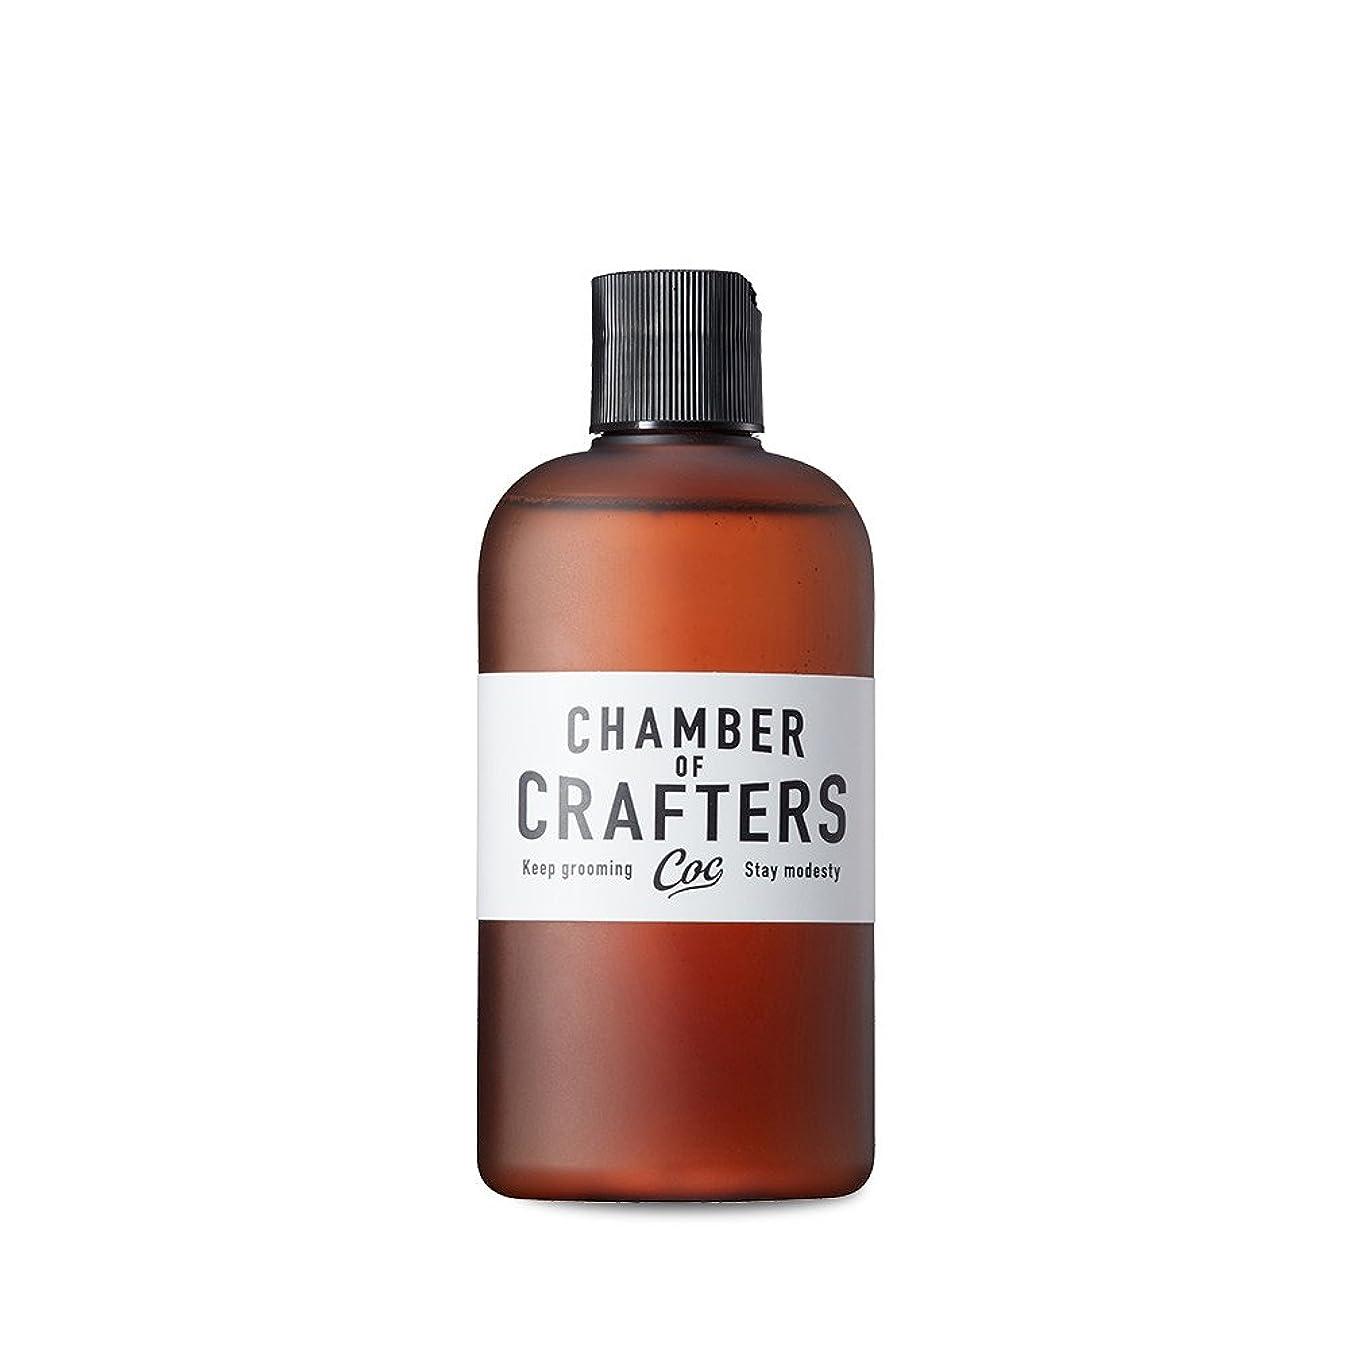 残酷ポルトガル語脚本CHAMBER OF CRAFTERS チェンバーオブクラフターズ スキンローション 化粧水 180mL